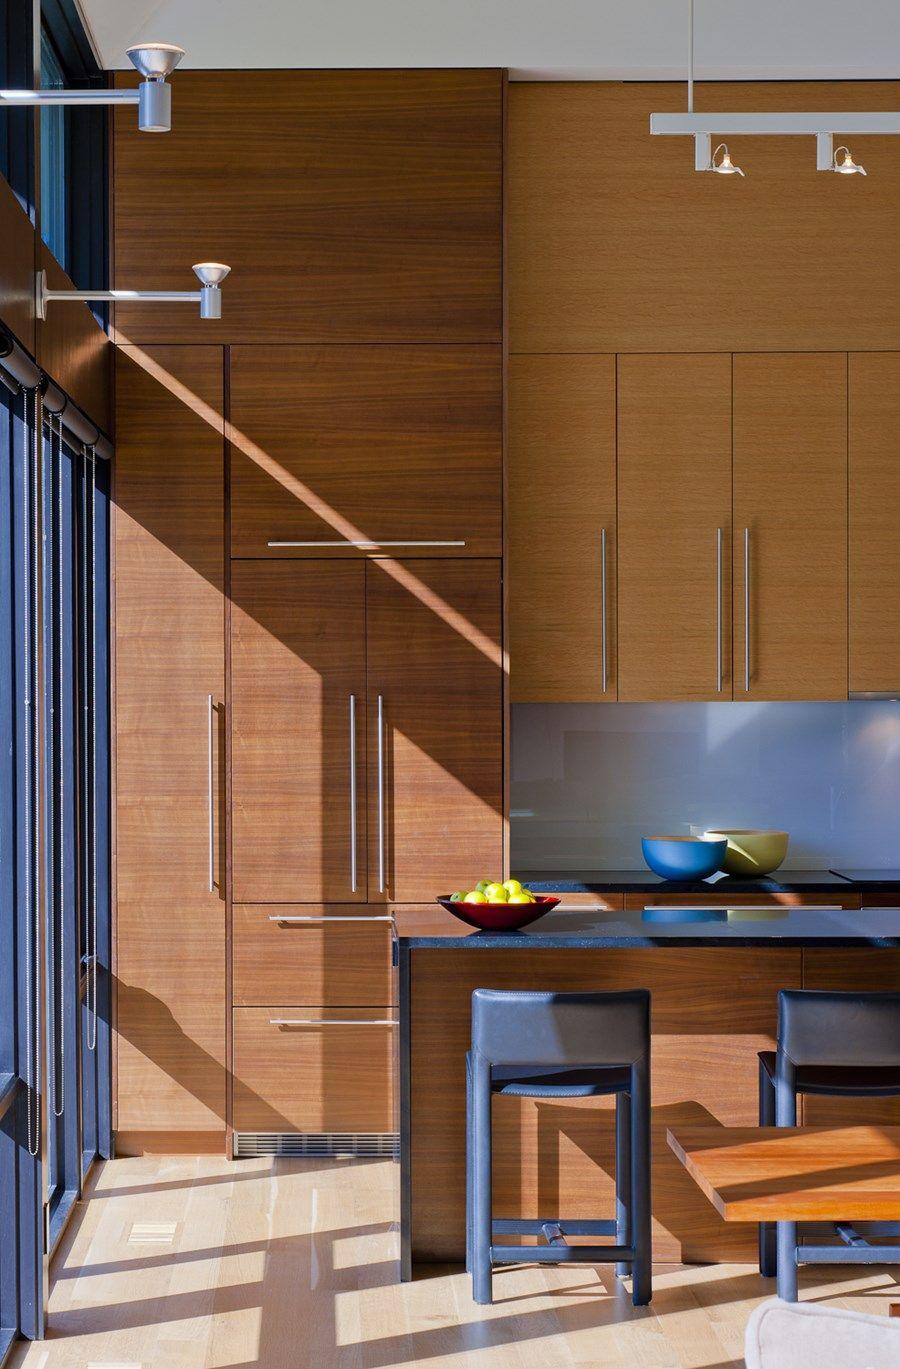 Becherer by Robert M. Gurney, FAIA Architect 08 | lugar a visitar ...